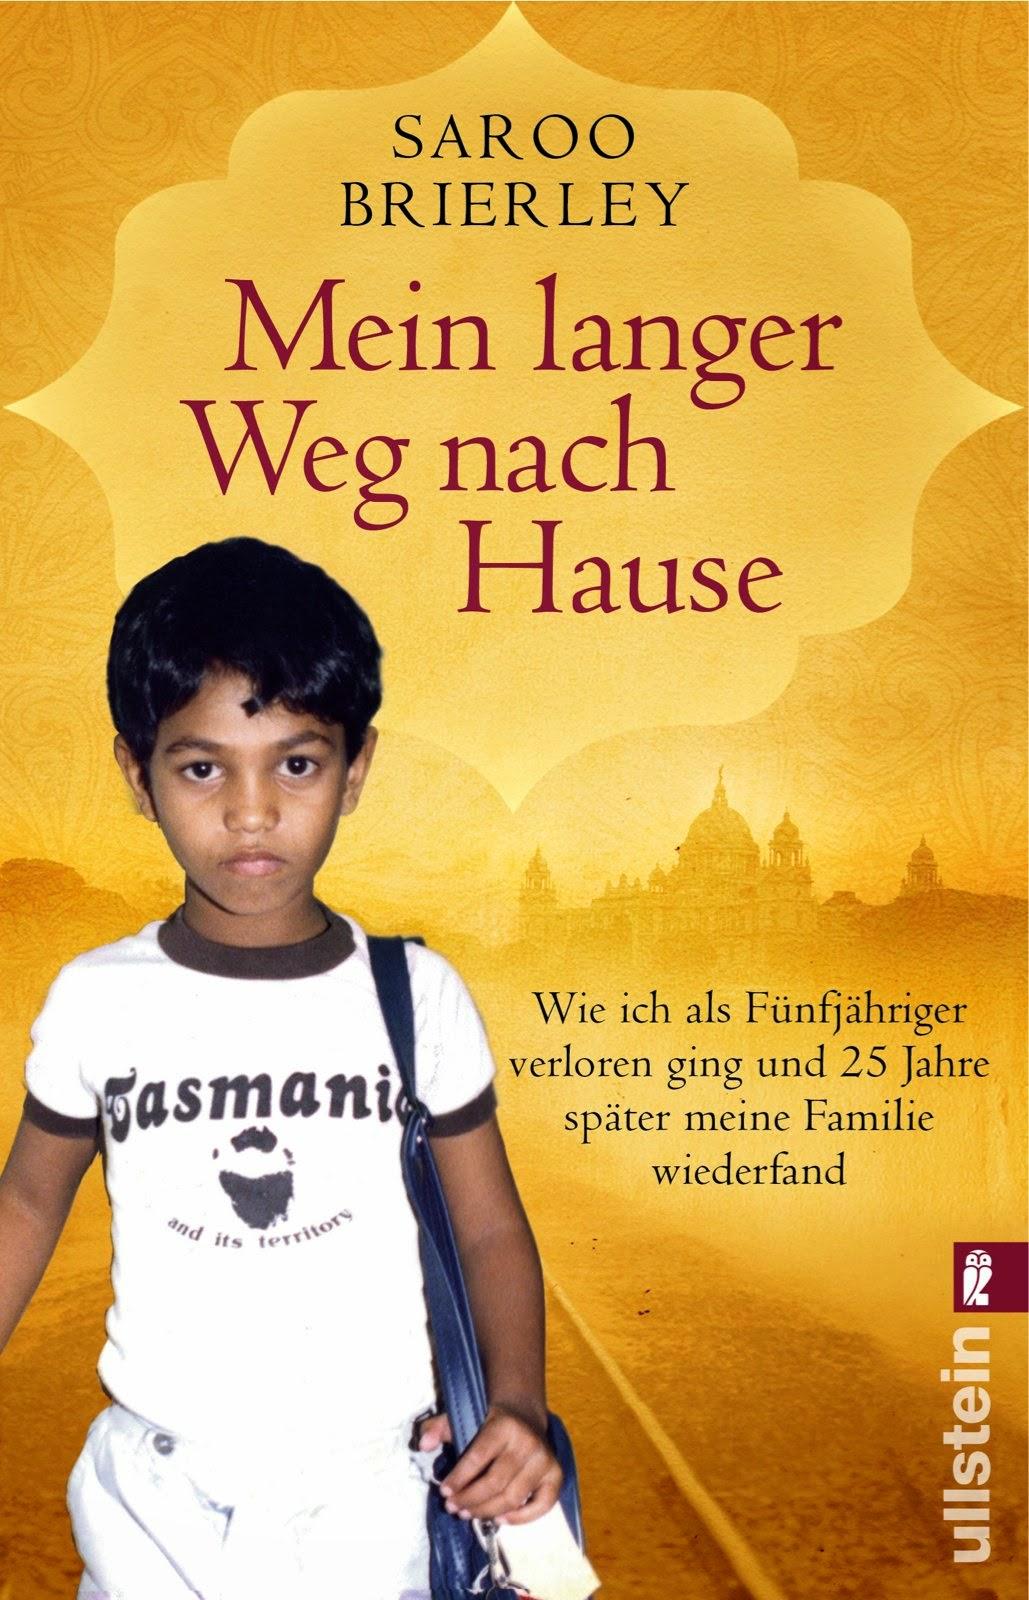 http://www.amazon.de/Mein-langer-nach-Hause-f%C3%BCnfundzwanzig/dp/3548375634/ref=sr_1_1?ie=UTF8&qid=1414997027&sr=8-1&keywords=Mein+langer+Weg+nach+Hause